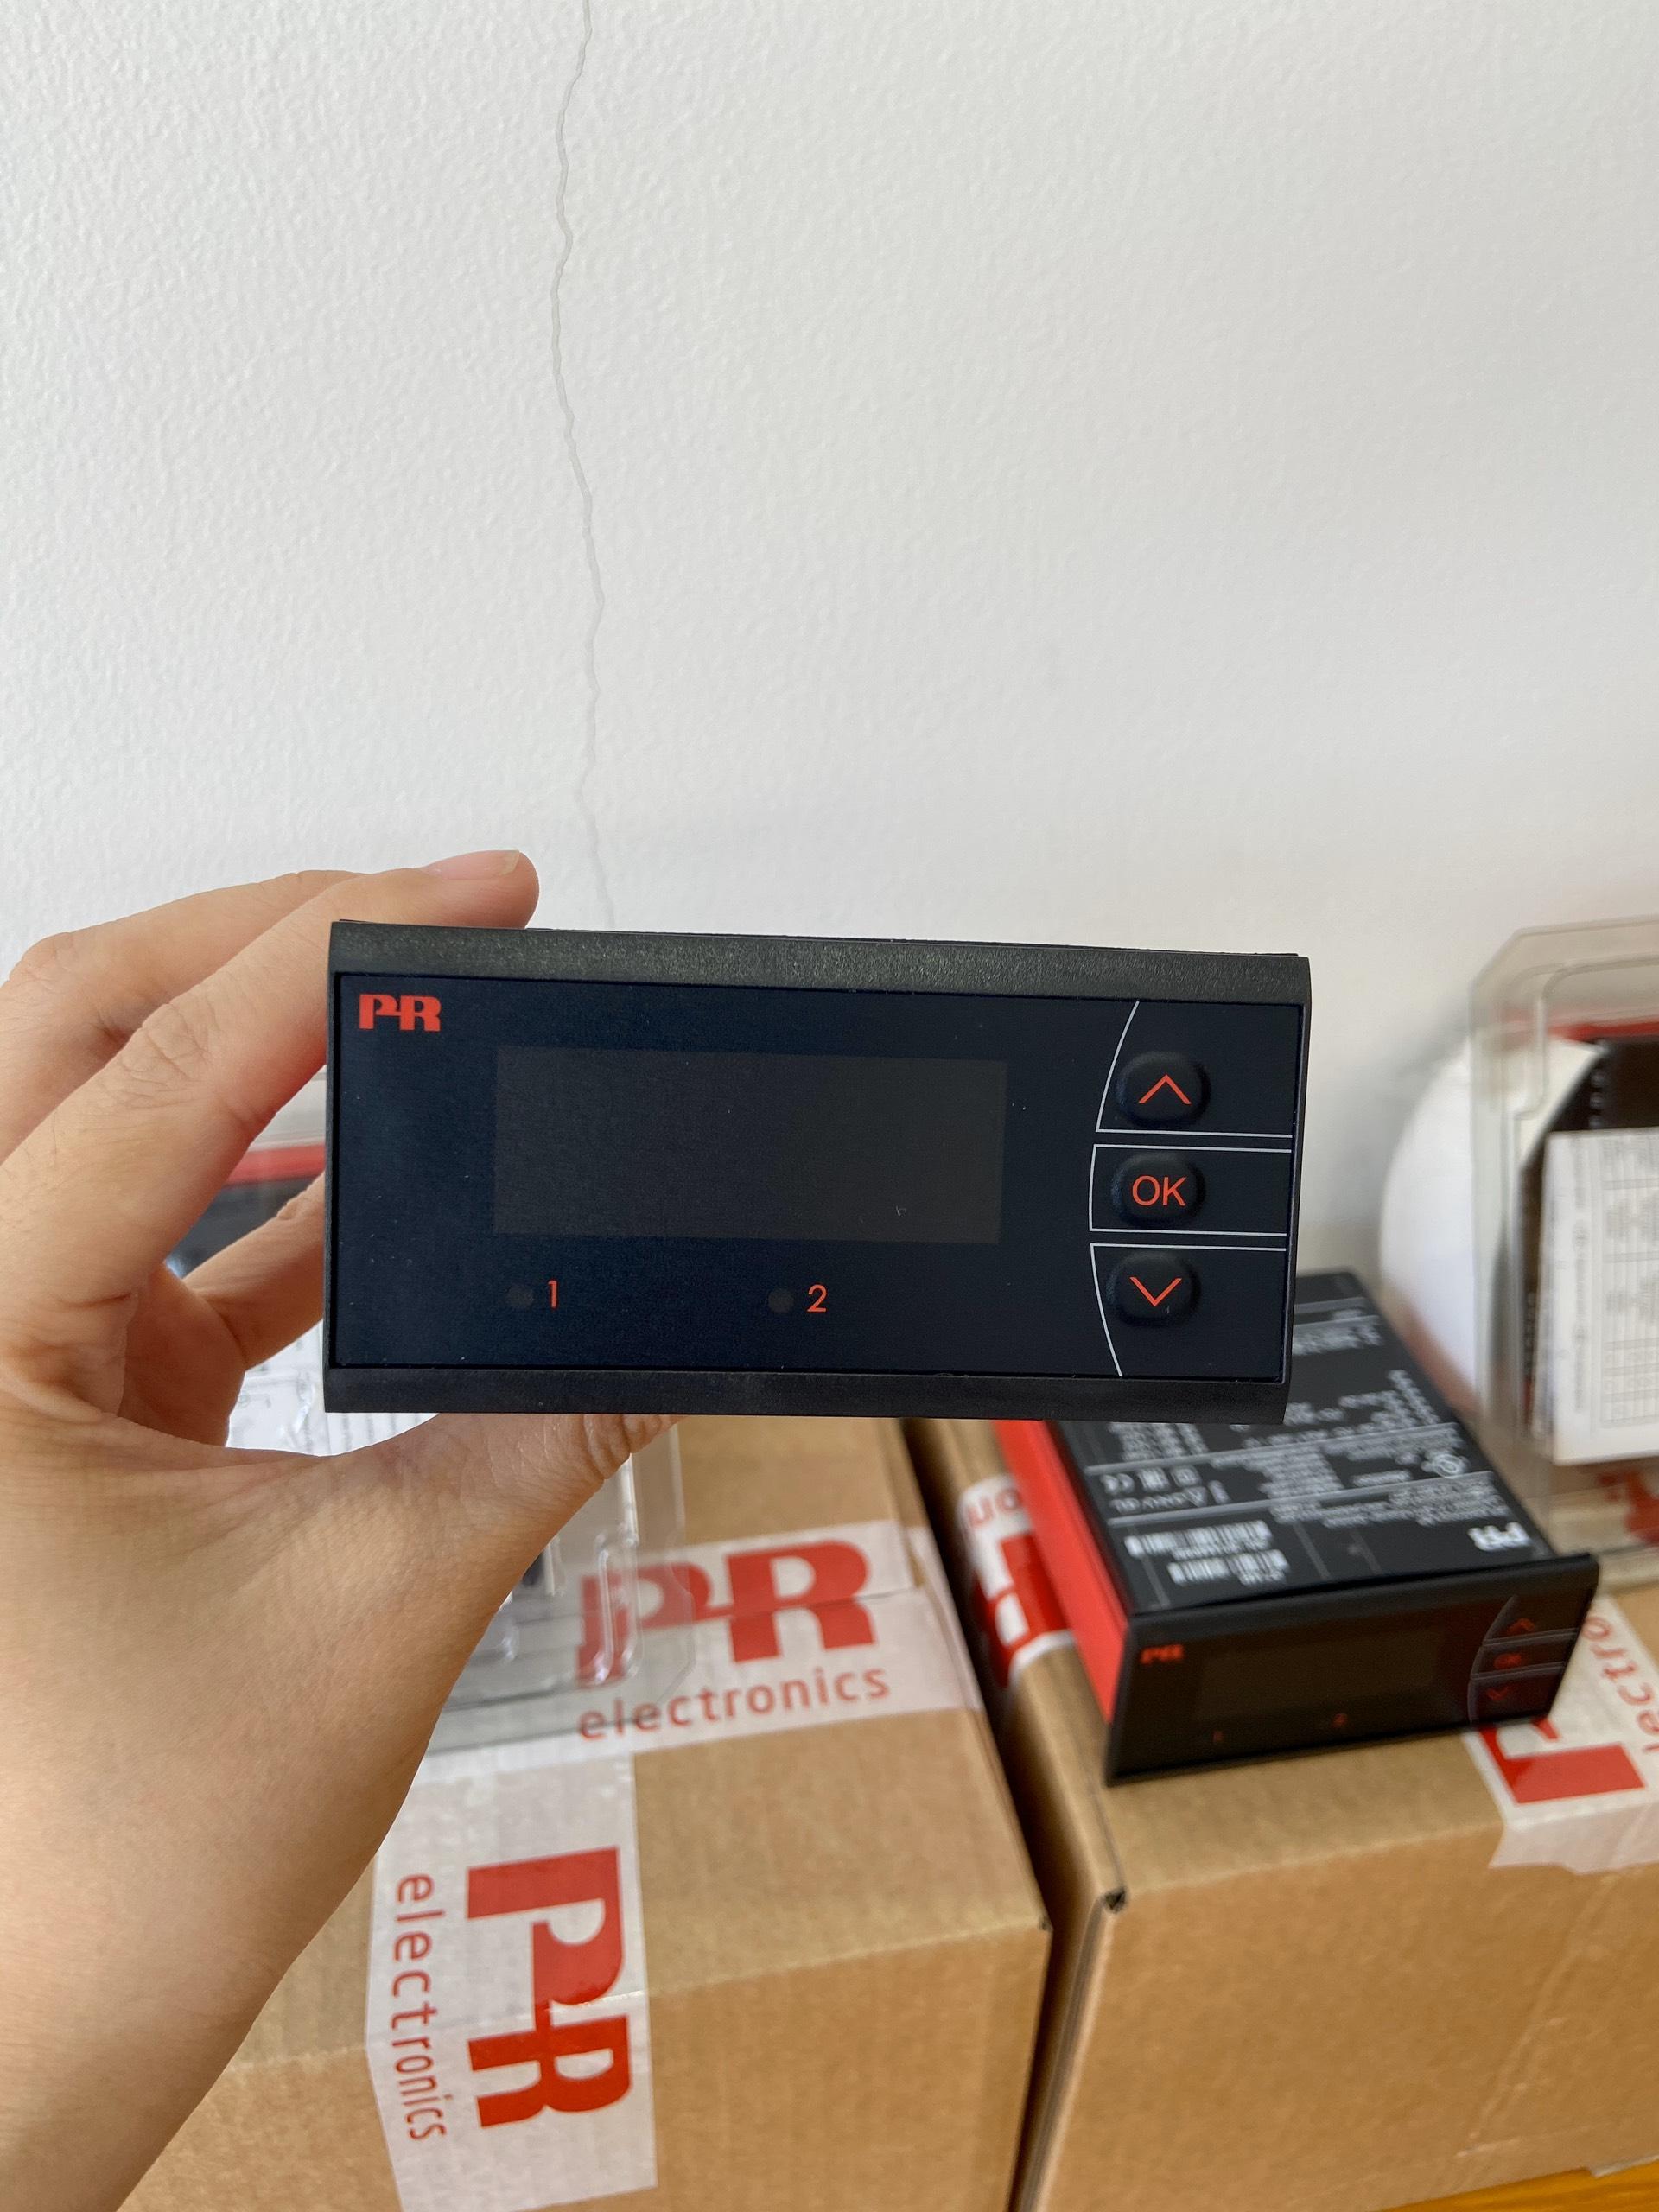 Bộ Hiển Thị 5714 PR Electronics